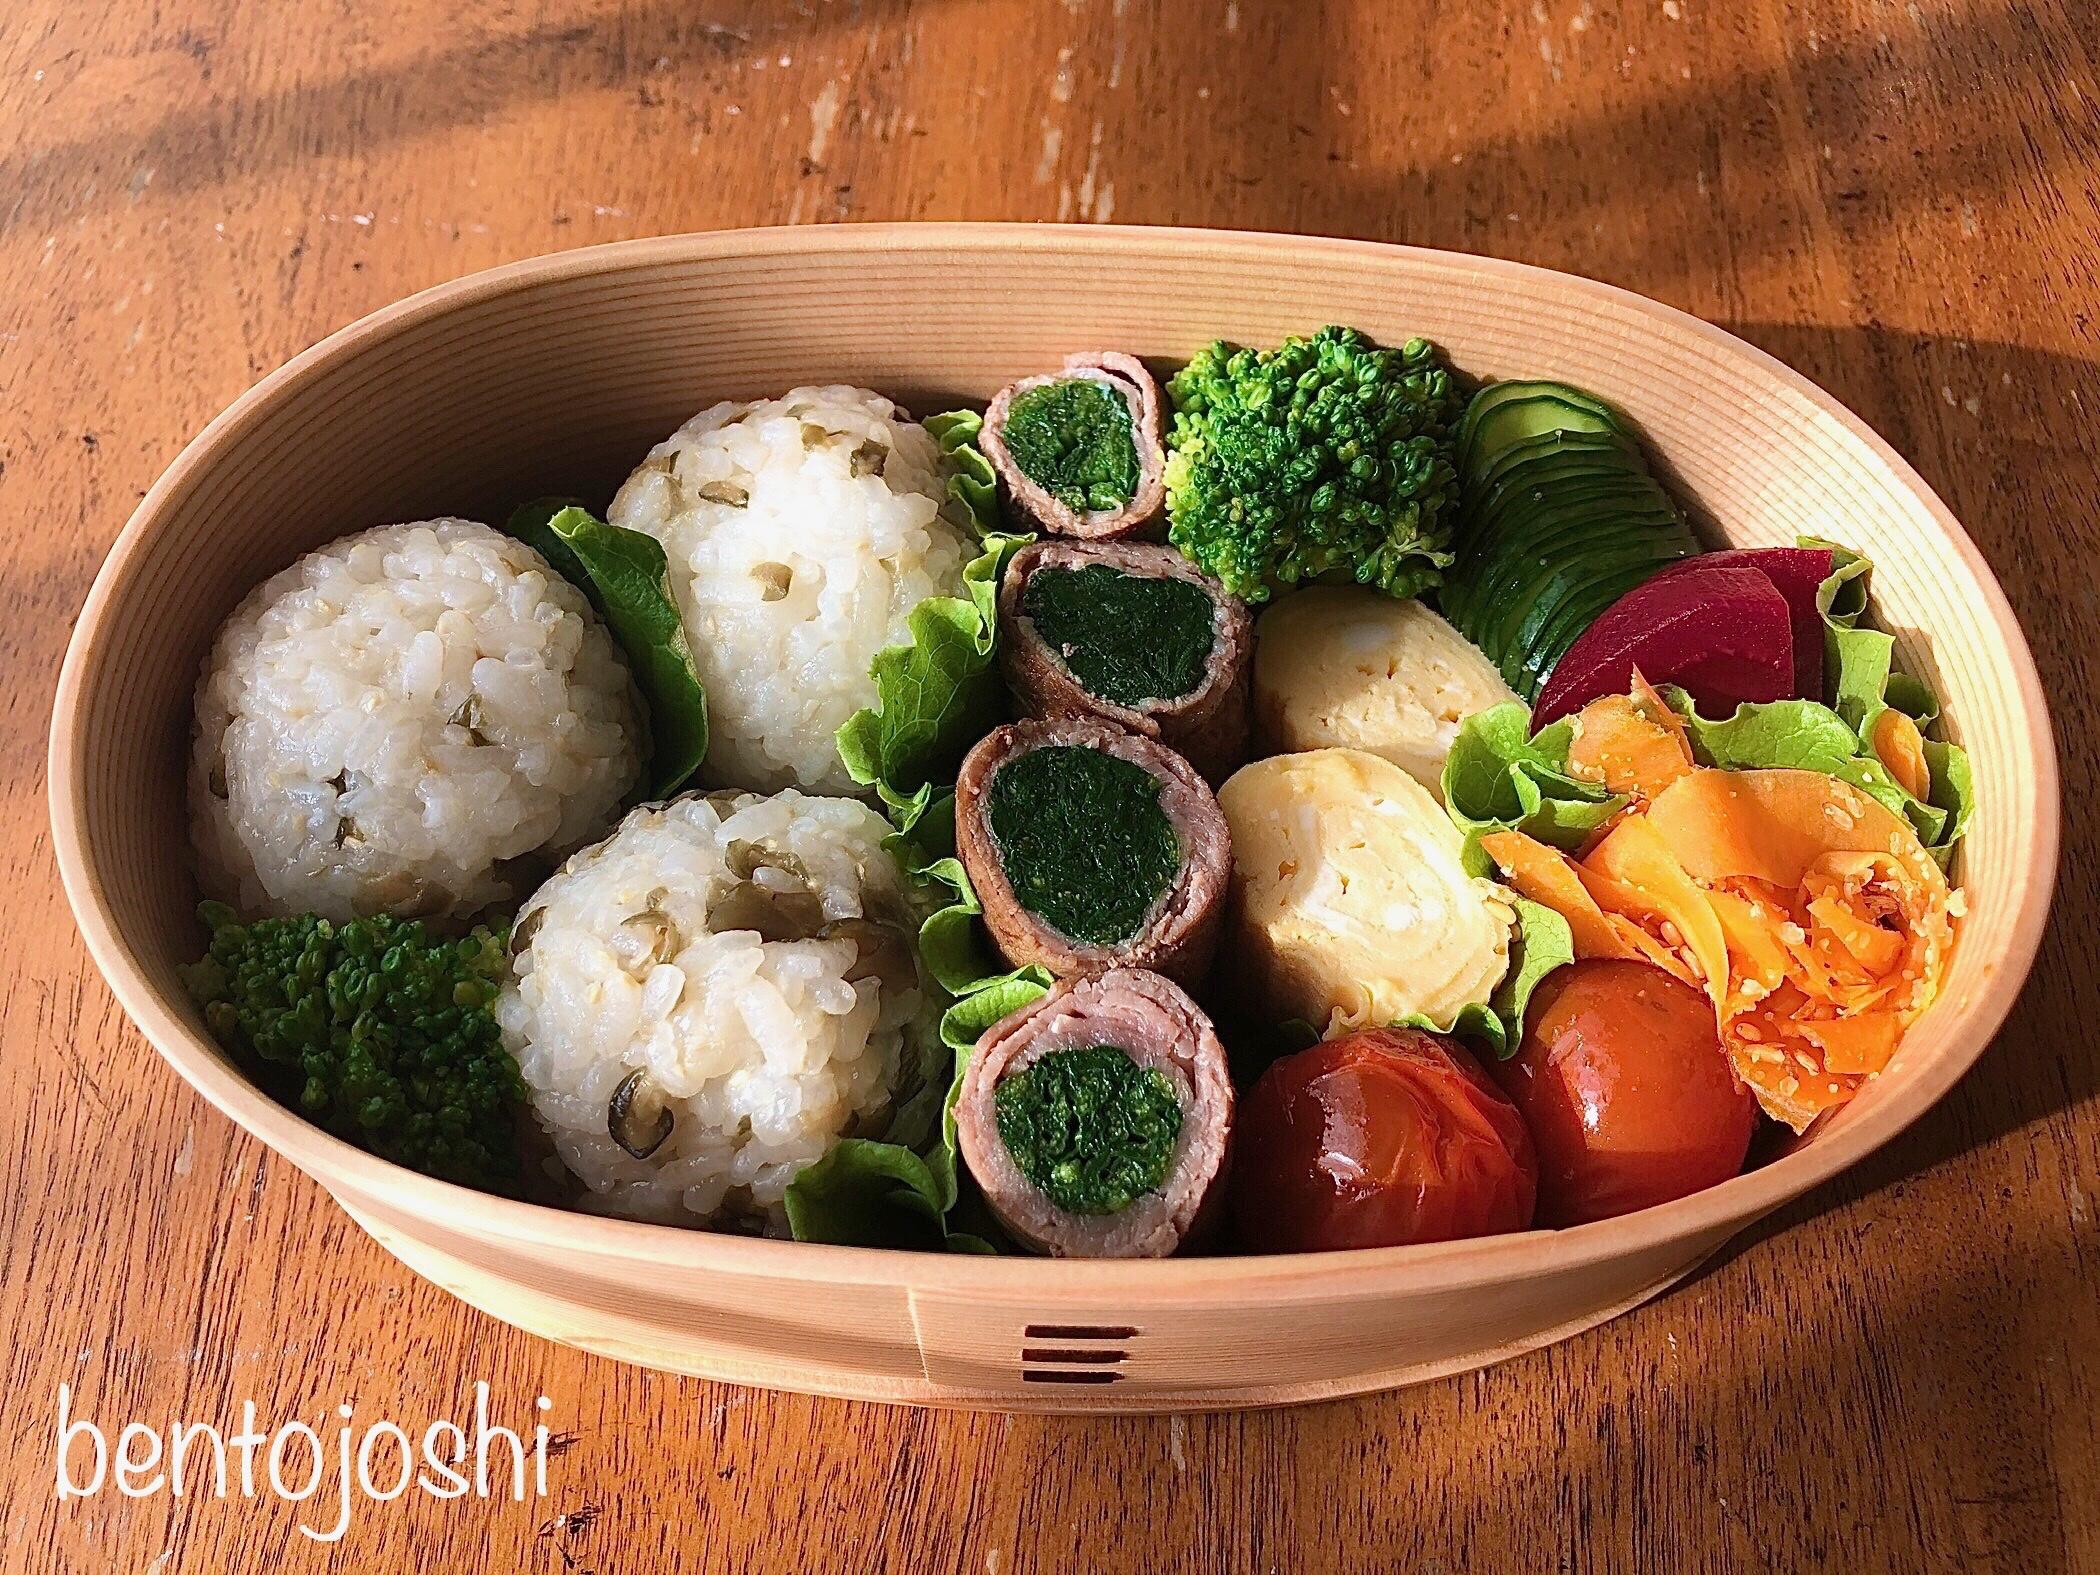 緑の野菜おかずが多いお弁当